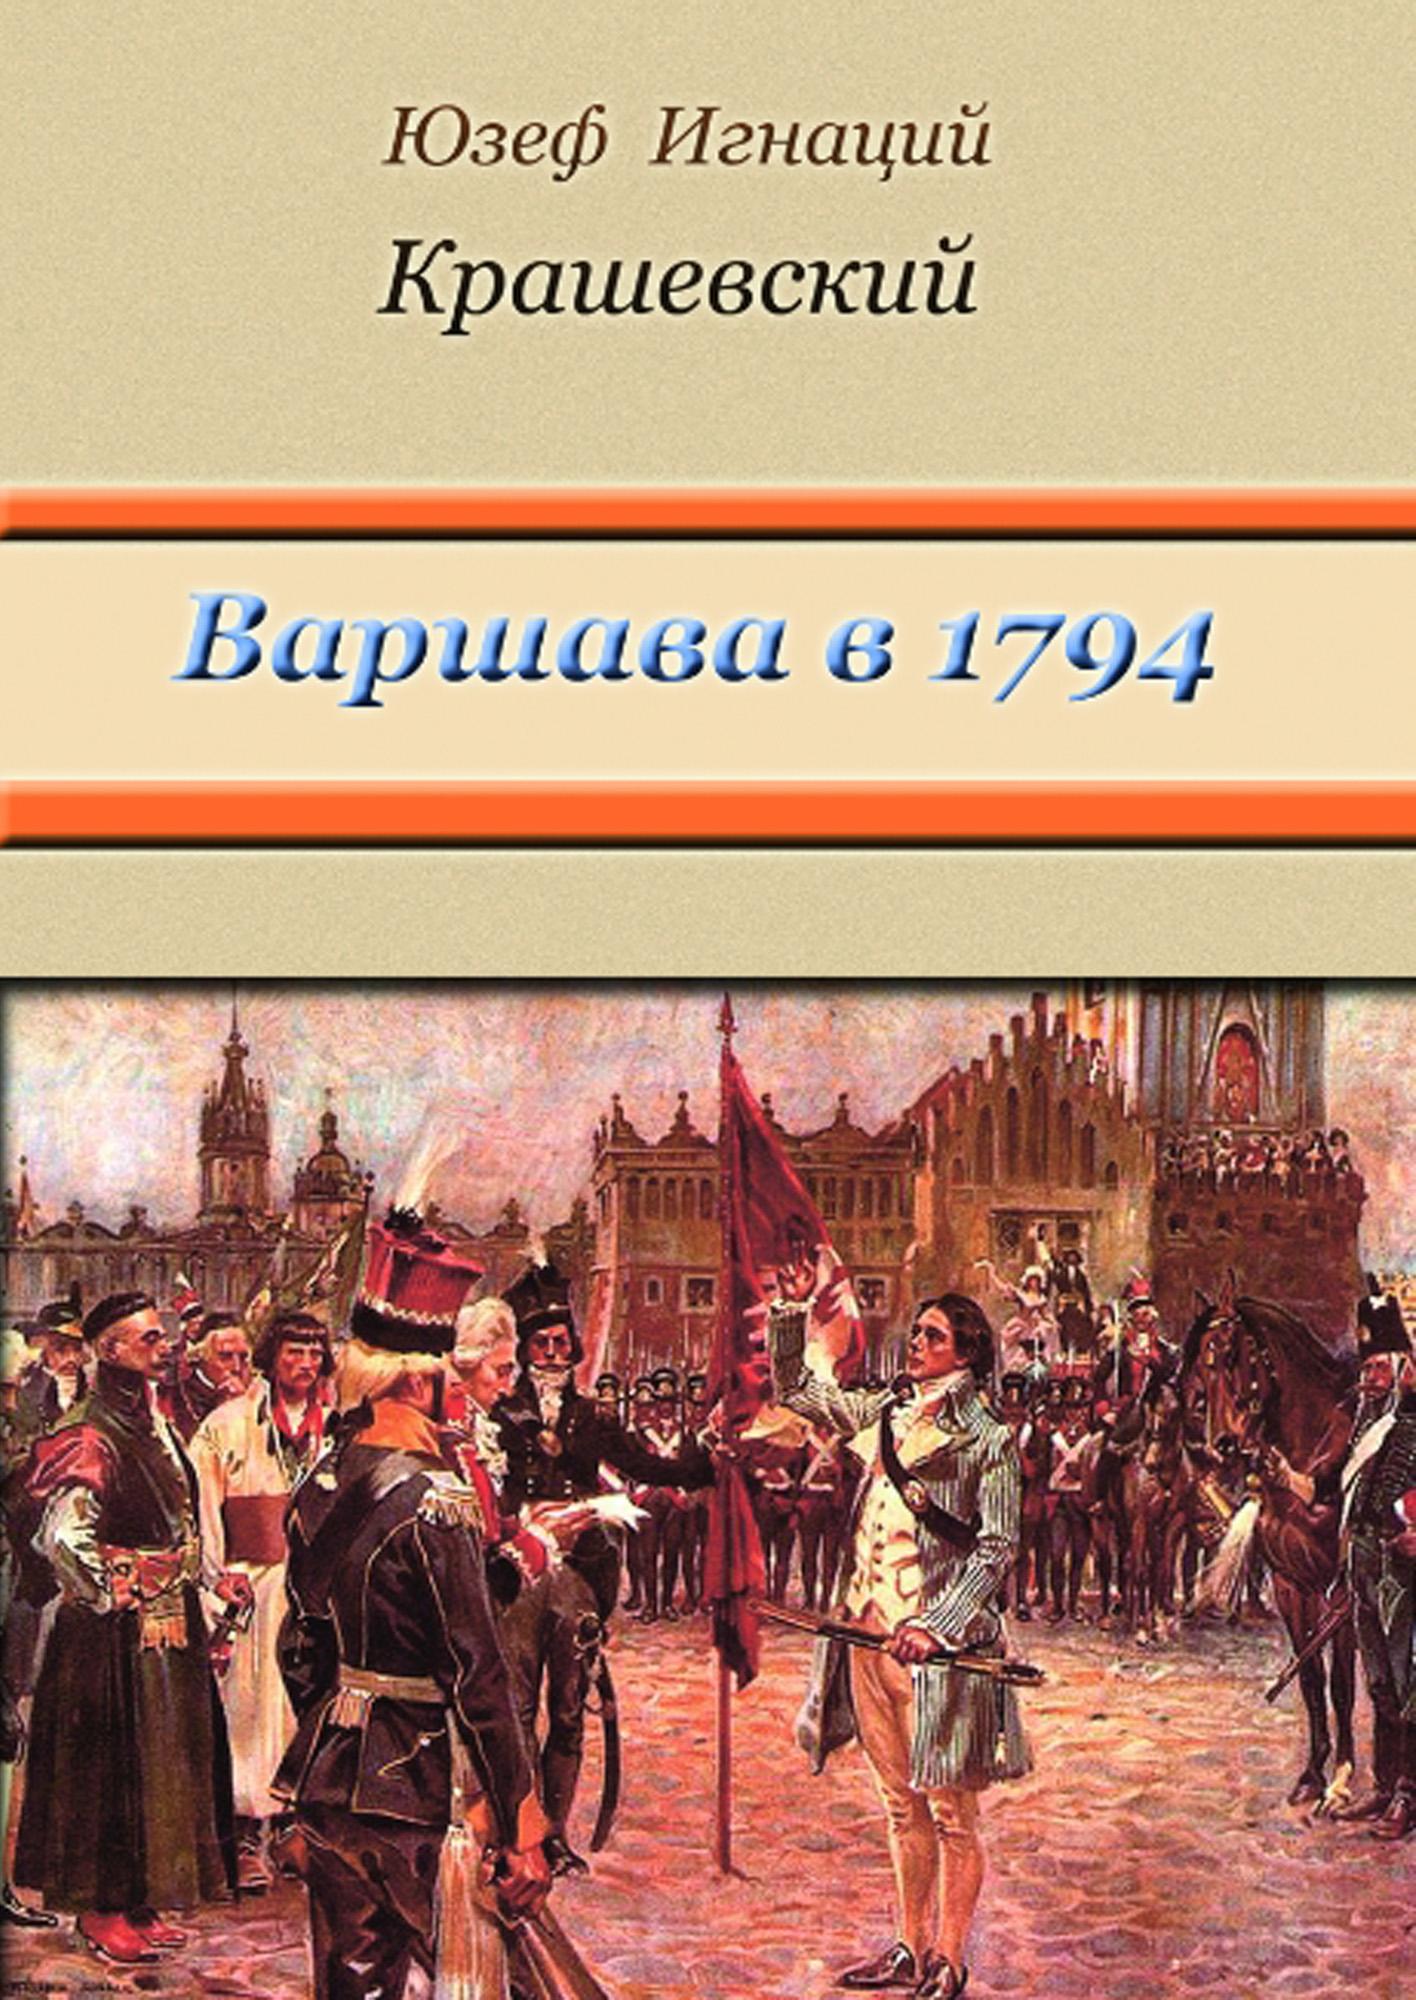 Юзеф Игнаций Крашевский Варшава в 1794 году (сборник) крашевский юзеф игнаций безымянная